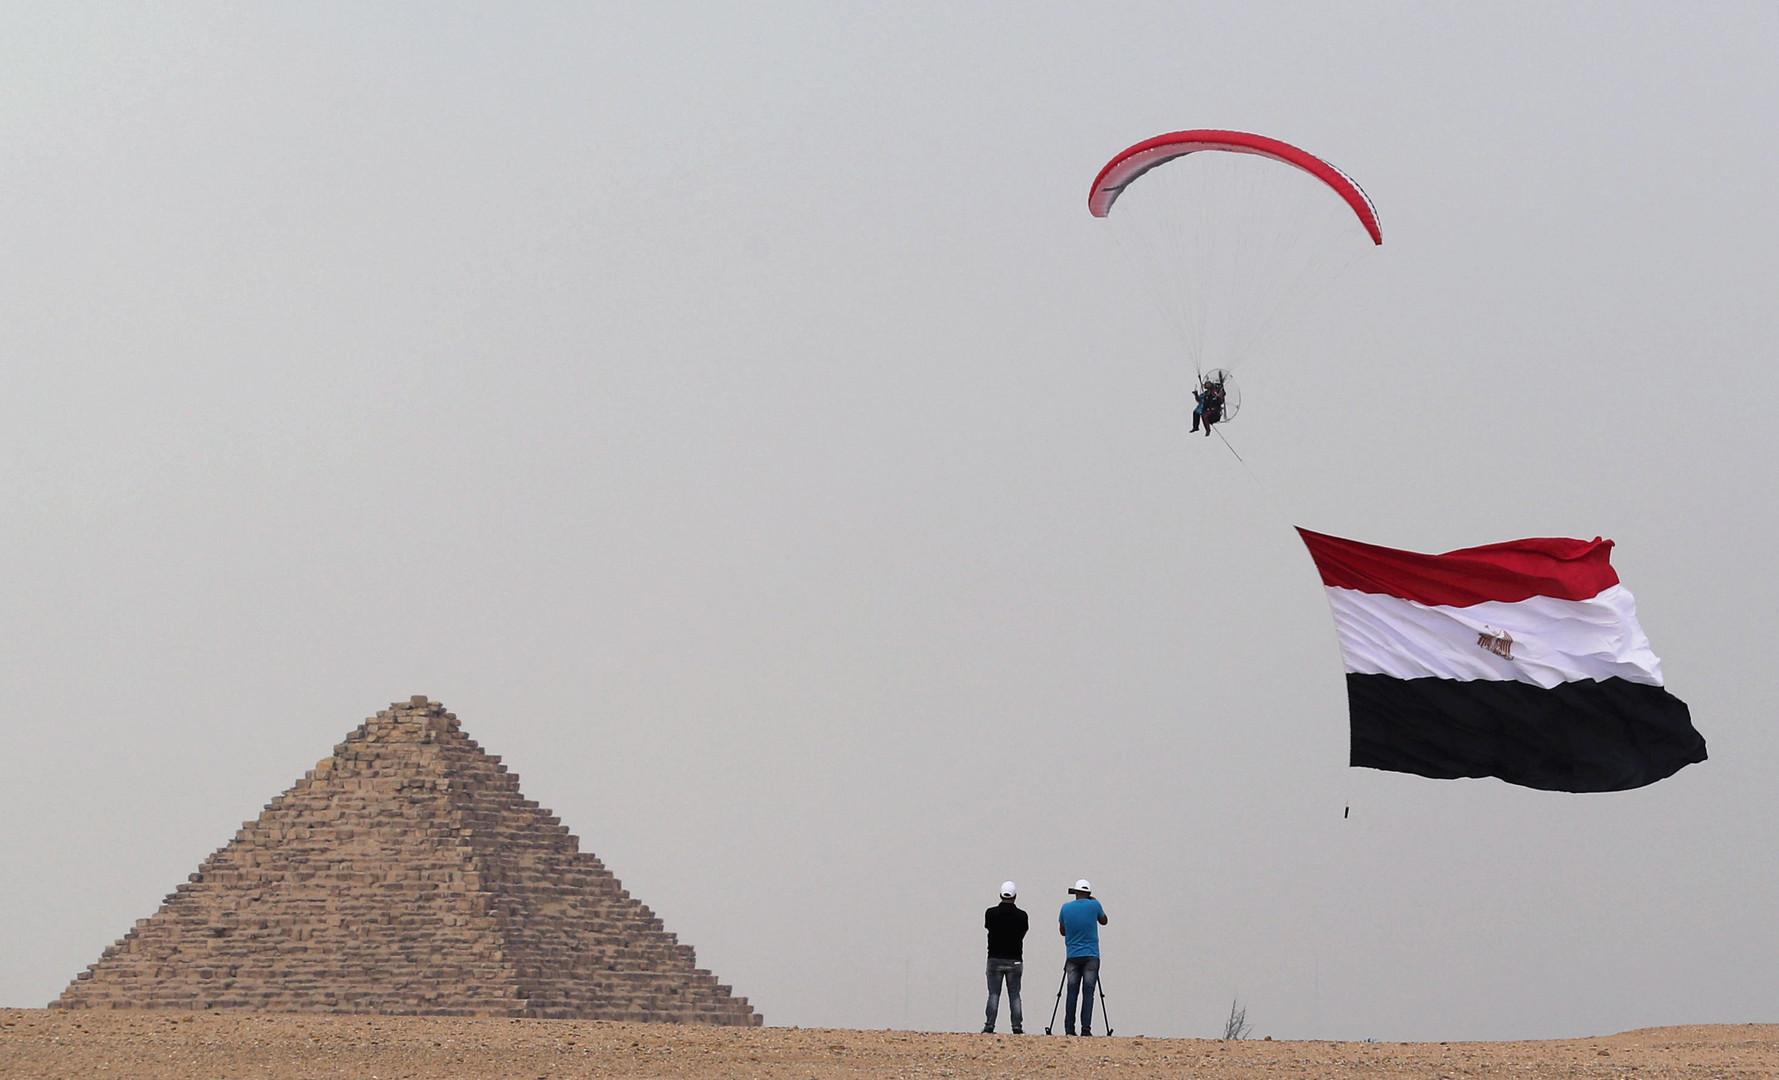 قرض صيني لمصر بثلاث مليارات دولار لمشروع العاصمة الإدارية